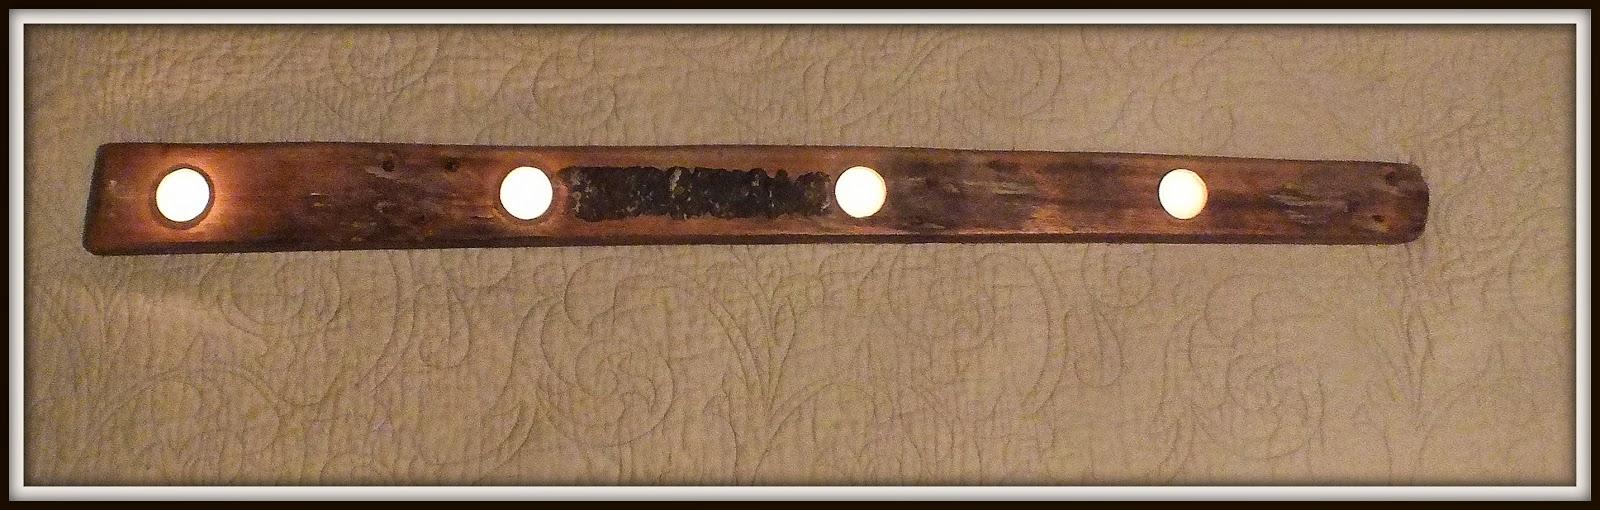 le bois flotté c'est aussi des objets de déco ! | mutoz inc. art